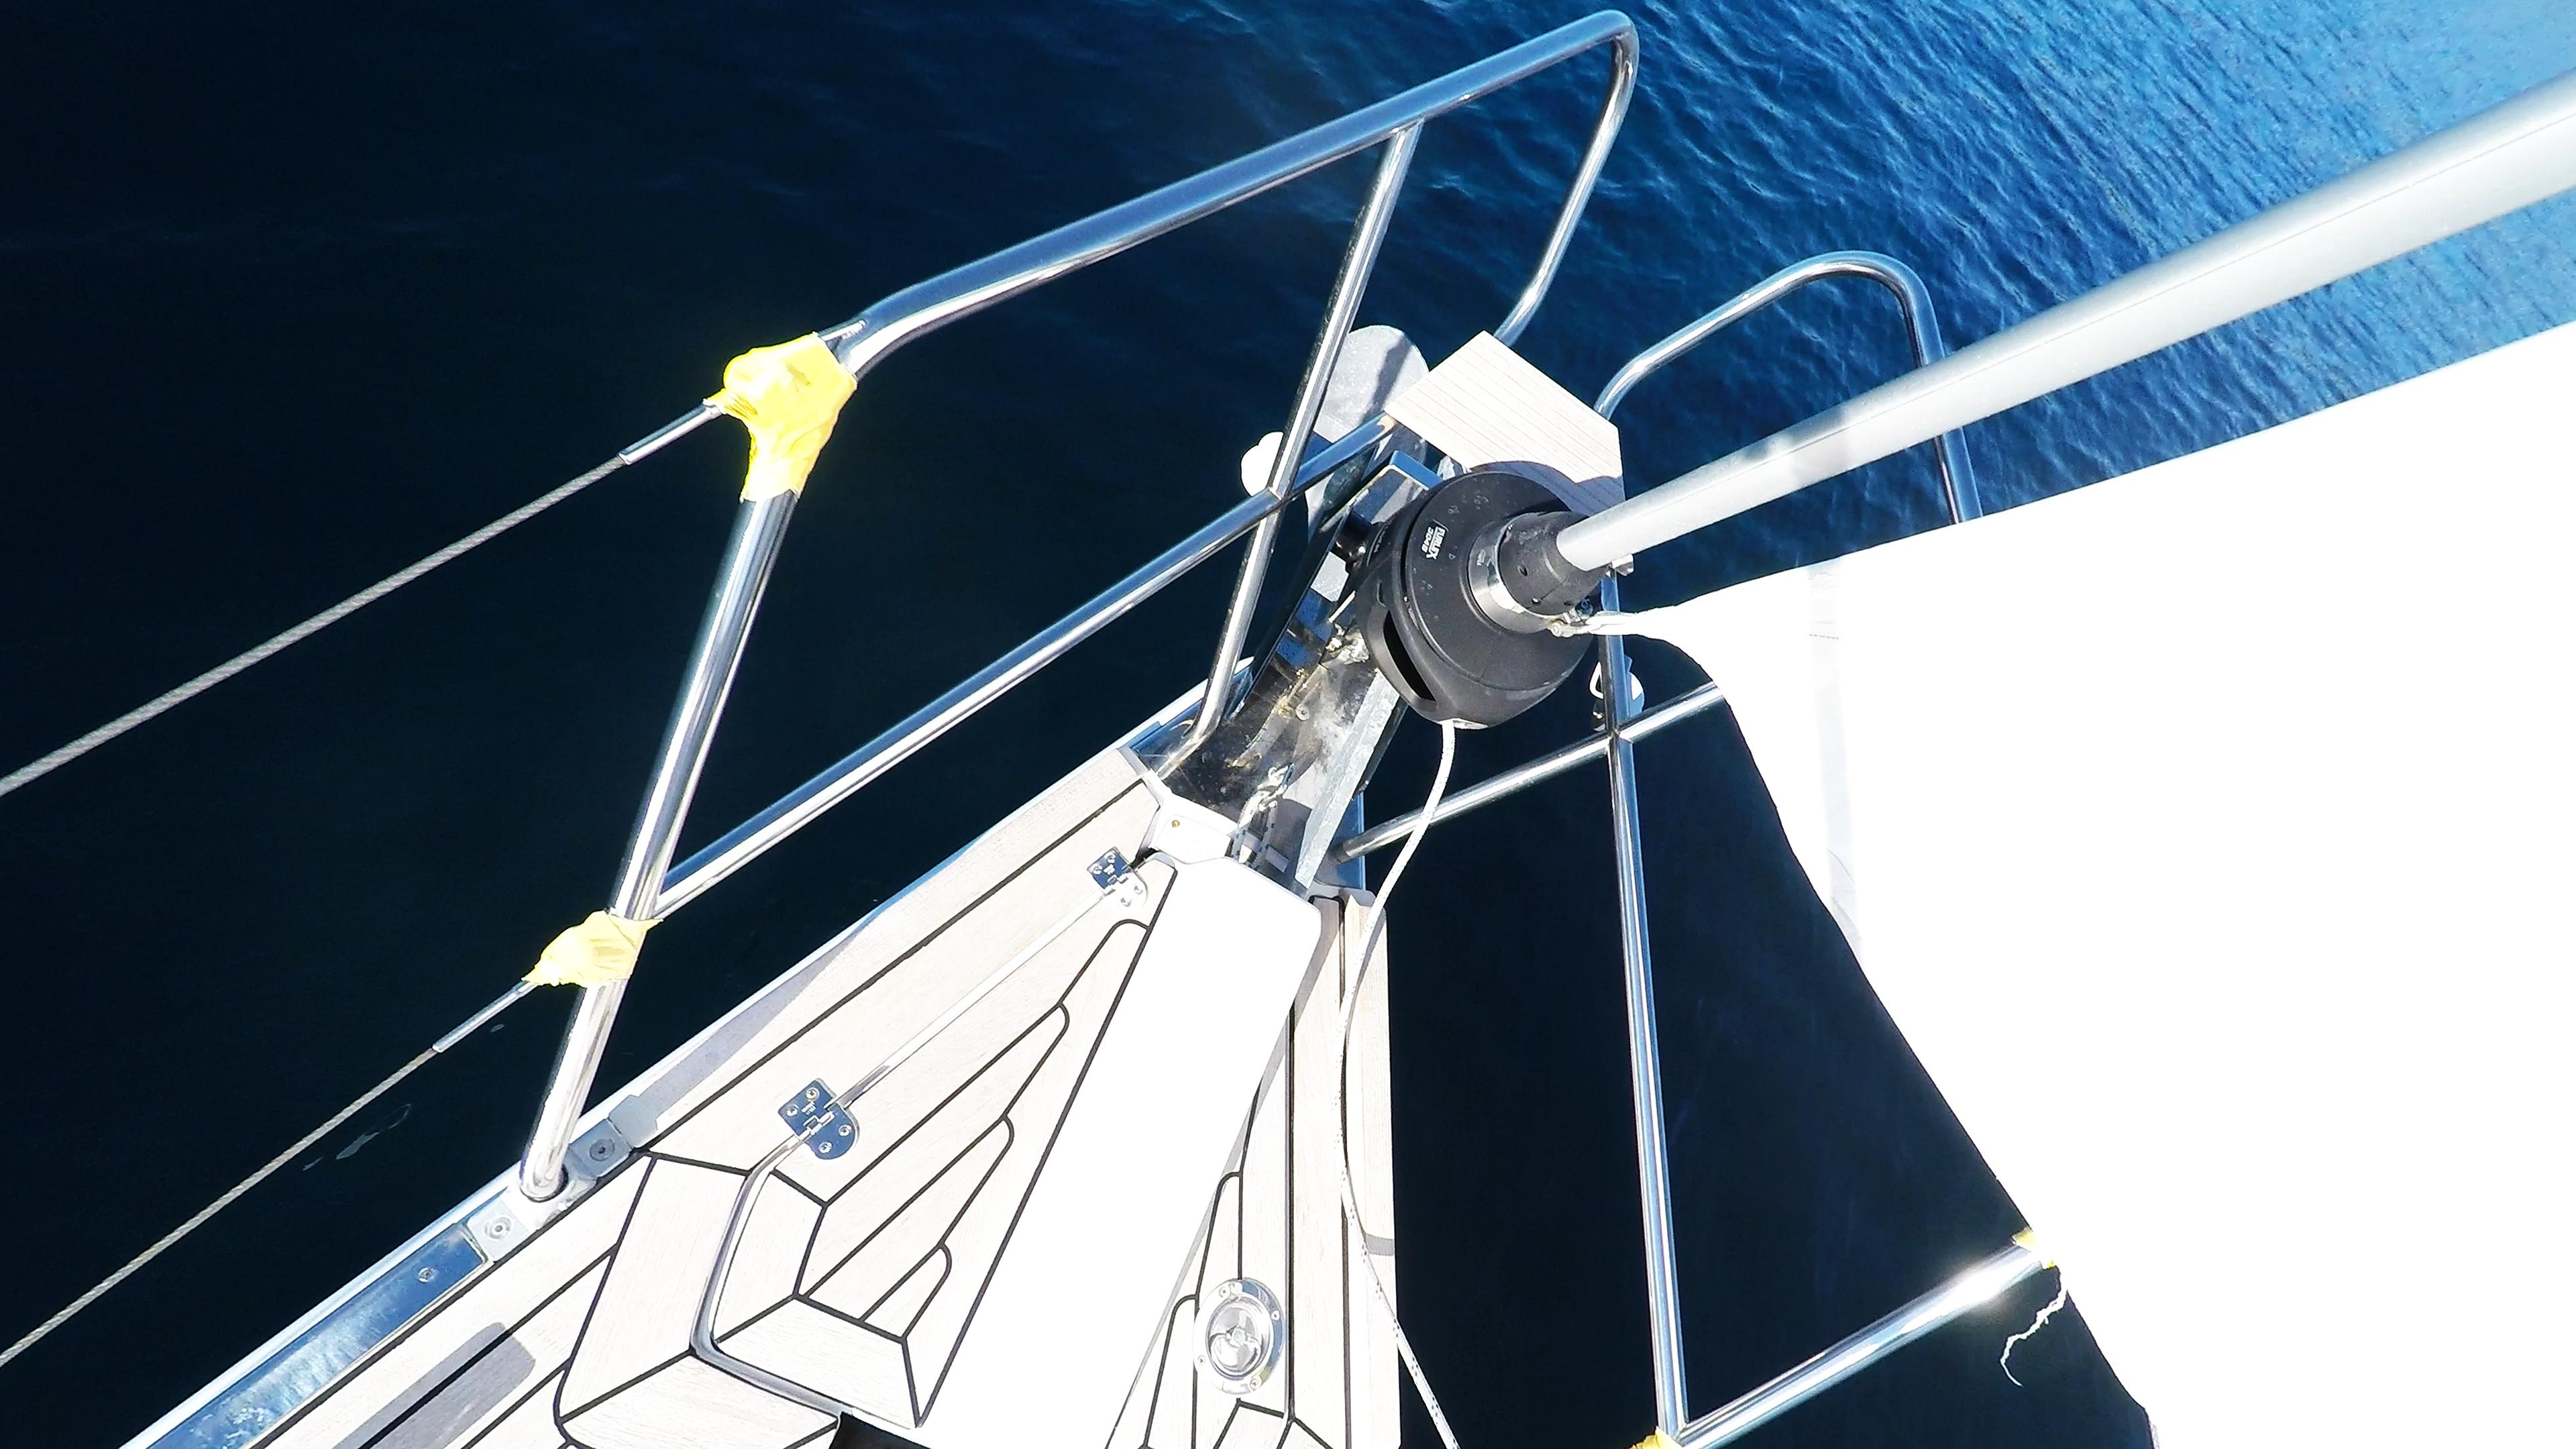 bateau à voile génois enrouleurs voile avant proue de voilier